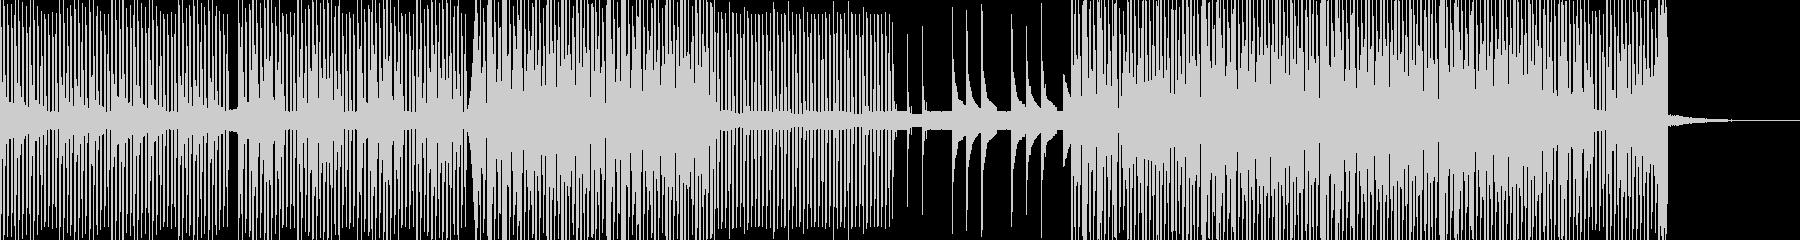 ミニマルなテクノの未再生の波形